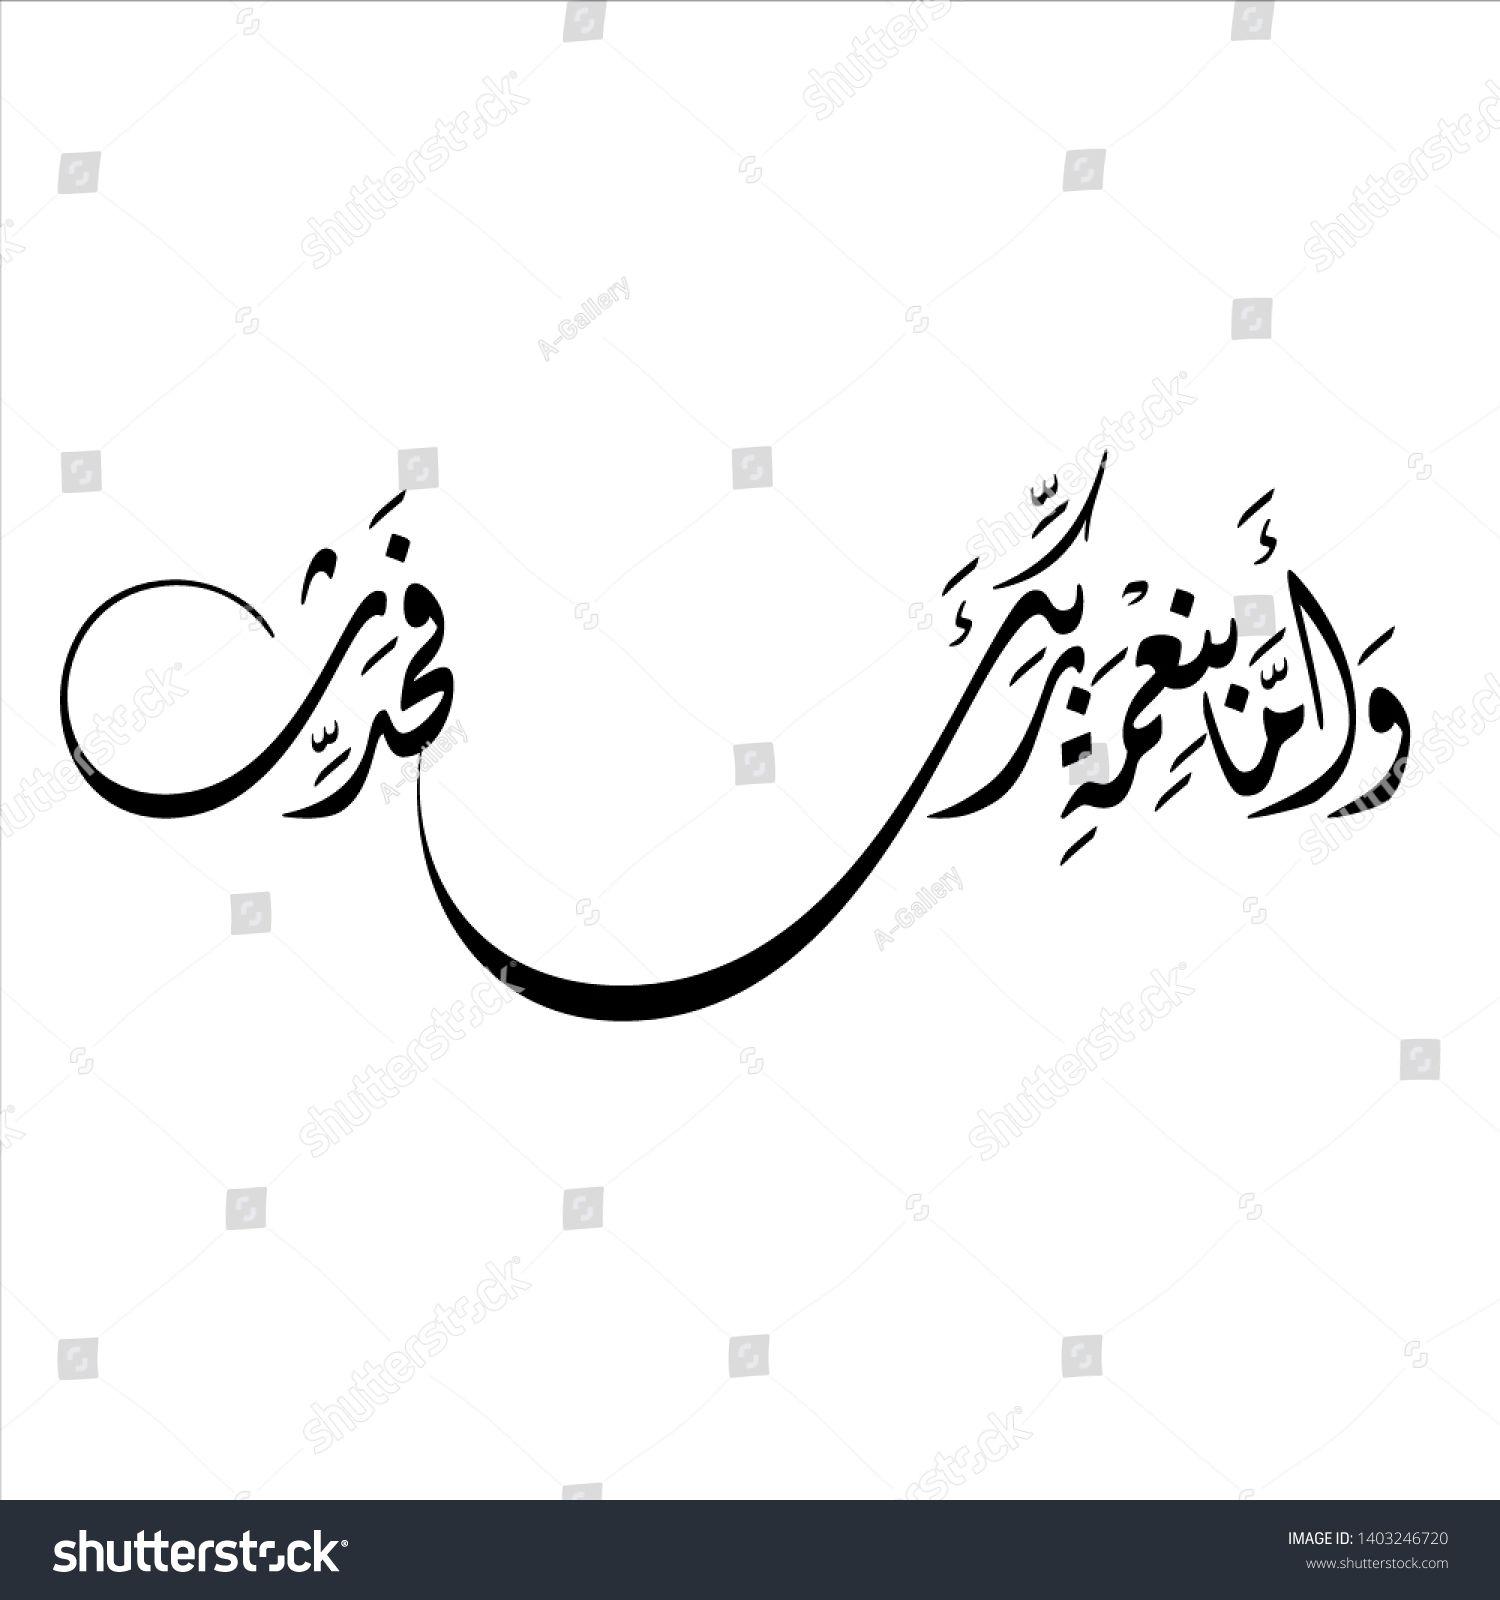 وأما بنعمة ربك فحدث Islamic Art Calligraphy Arabic Calligraphy Calligraphy